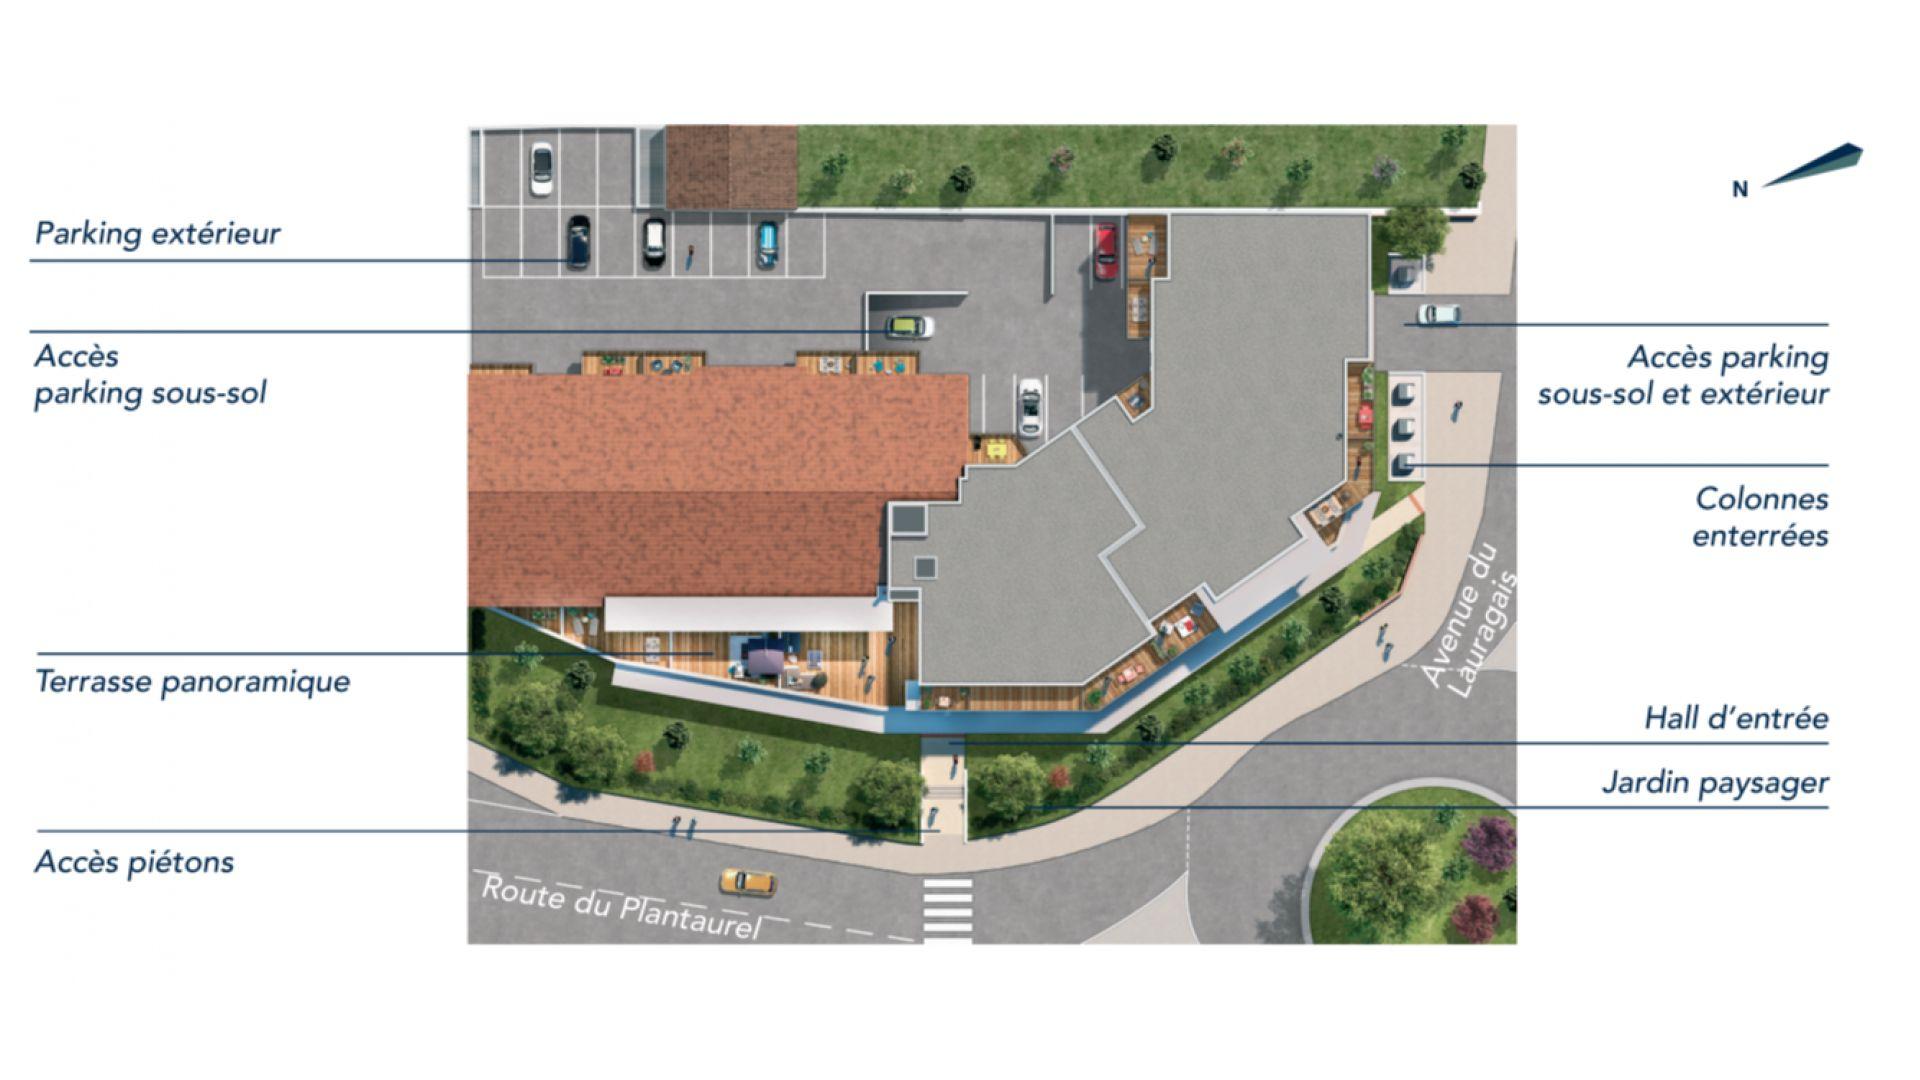 Greencity Immobilier - Le Madison - 31860 Labarthe sur Lèze - achat appartements neufs du T2 au T3 - plan de masse